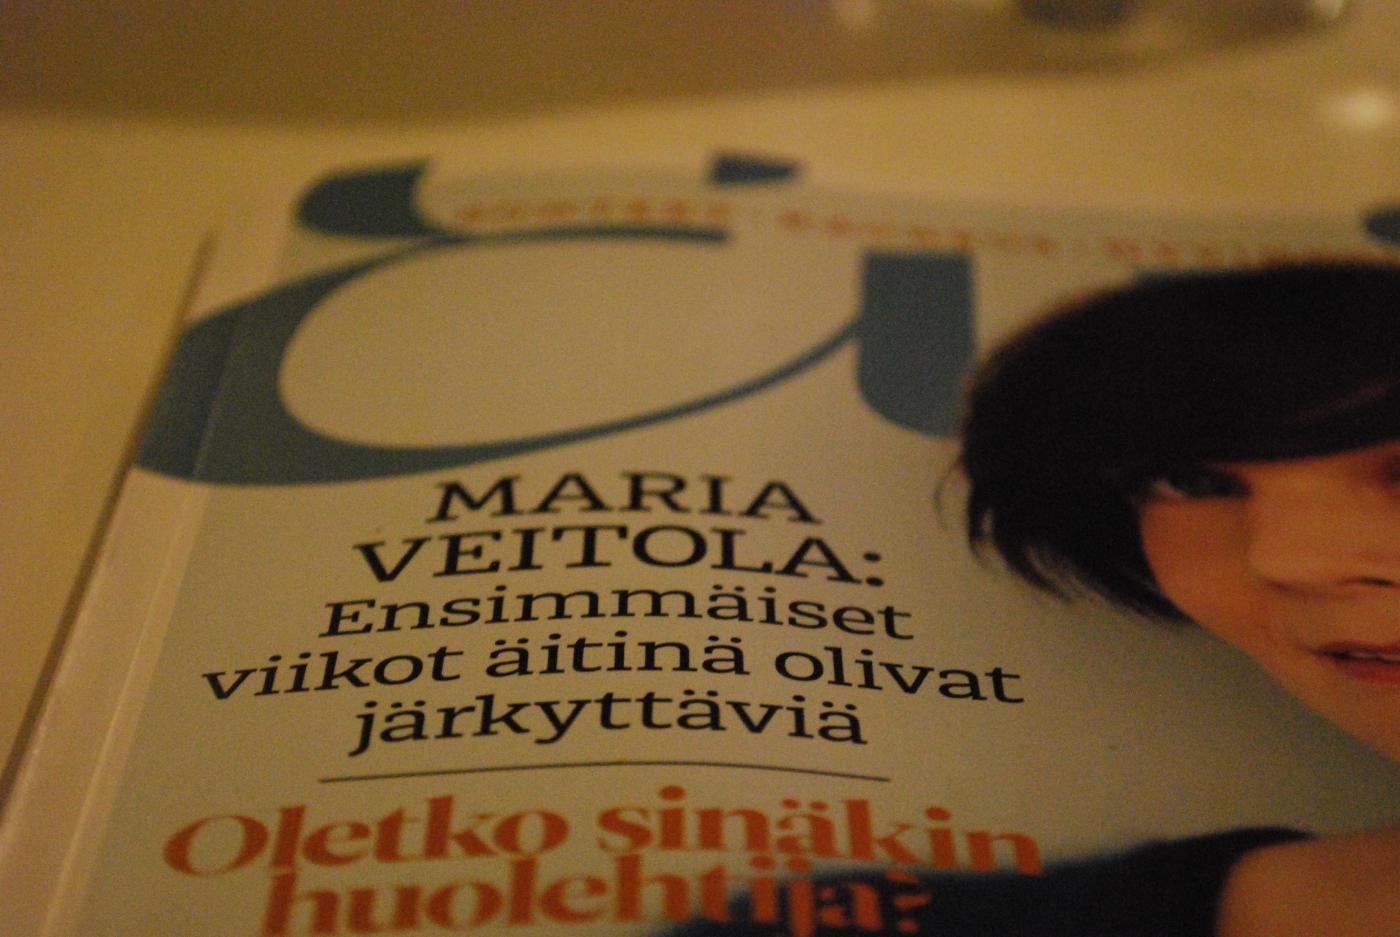 Word, Maria!